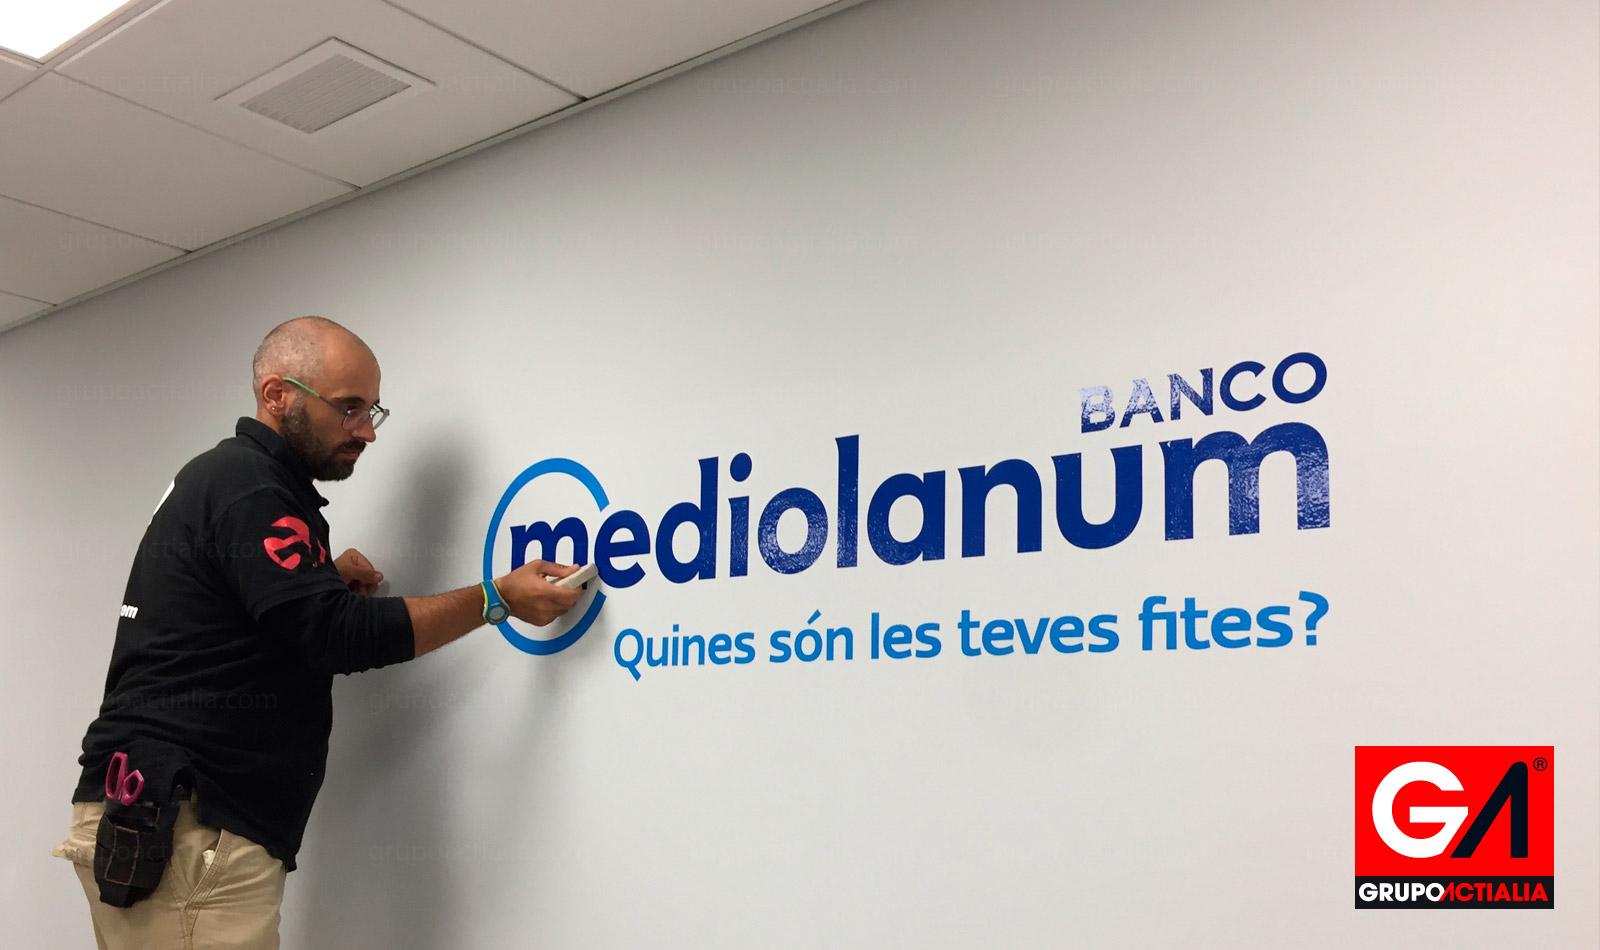 banco mediolanum nuevo cliente de grupo actialia grupo